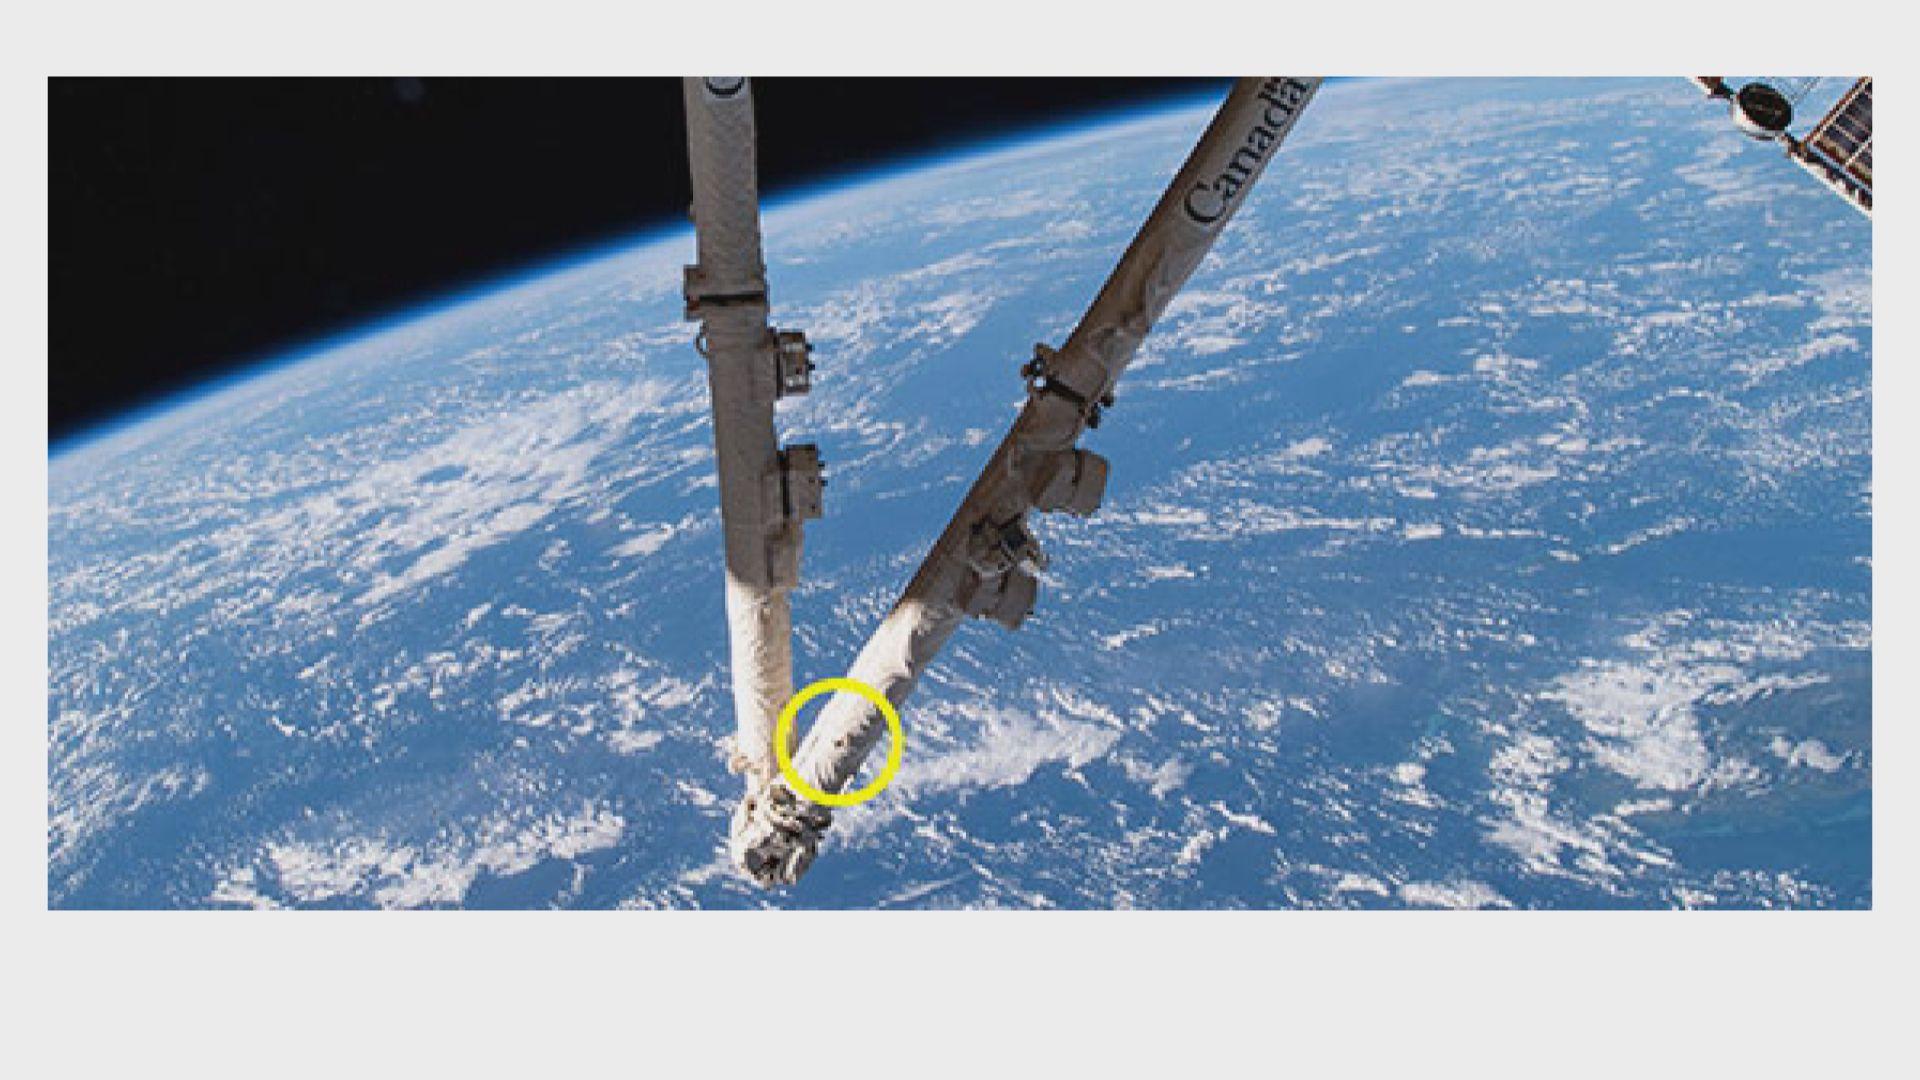 【環球薈報】國際太空站機械臂遭太空垃圾撞擊